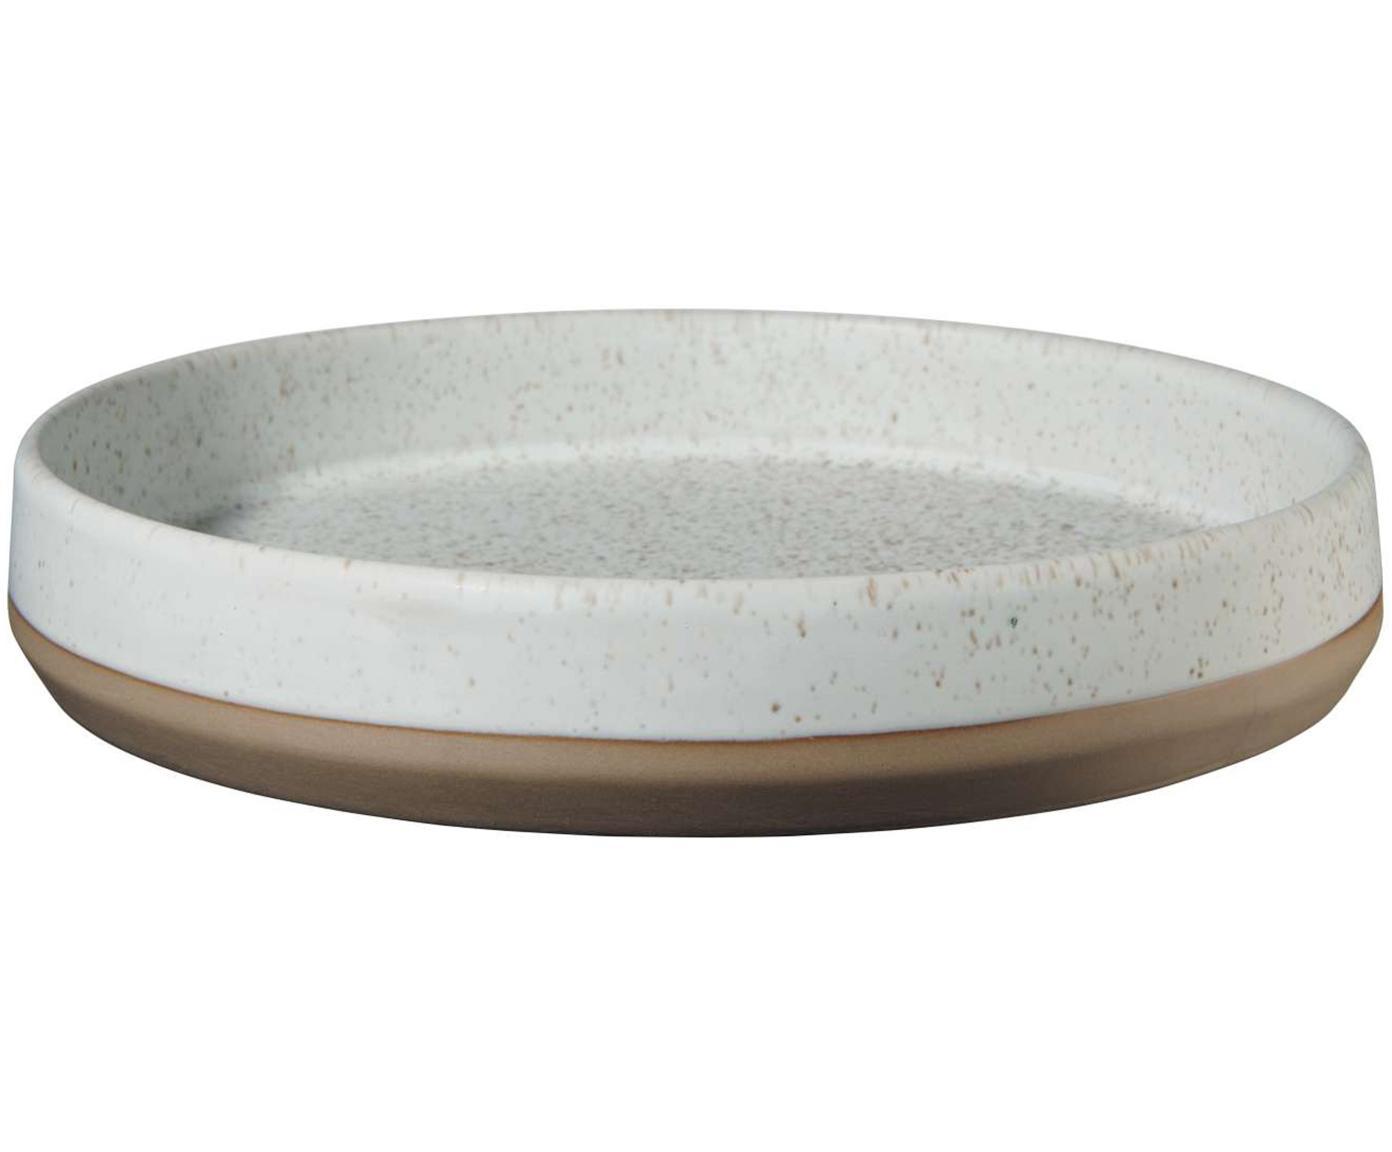 Schalen Caja mat in bruin- en beigetinten, 2 stuks, Klei, Bruin- en beigetinten, Ø 21 cm